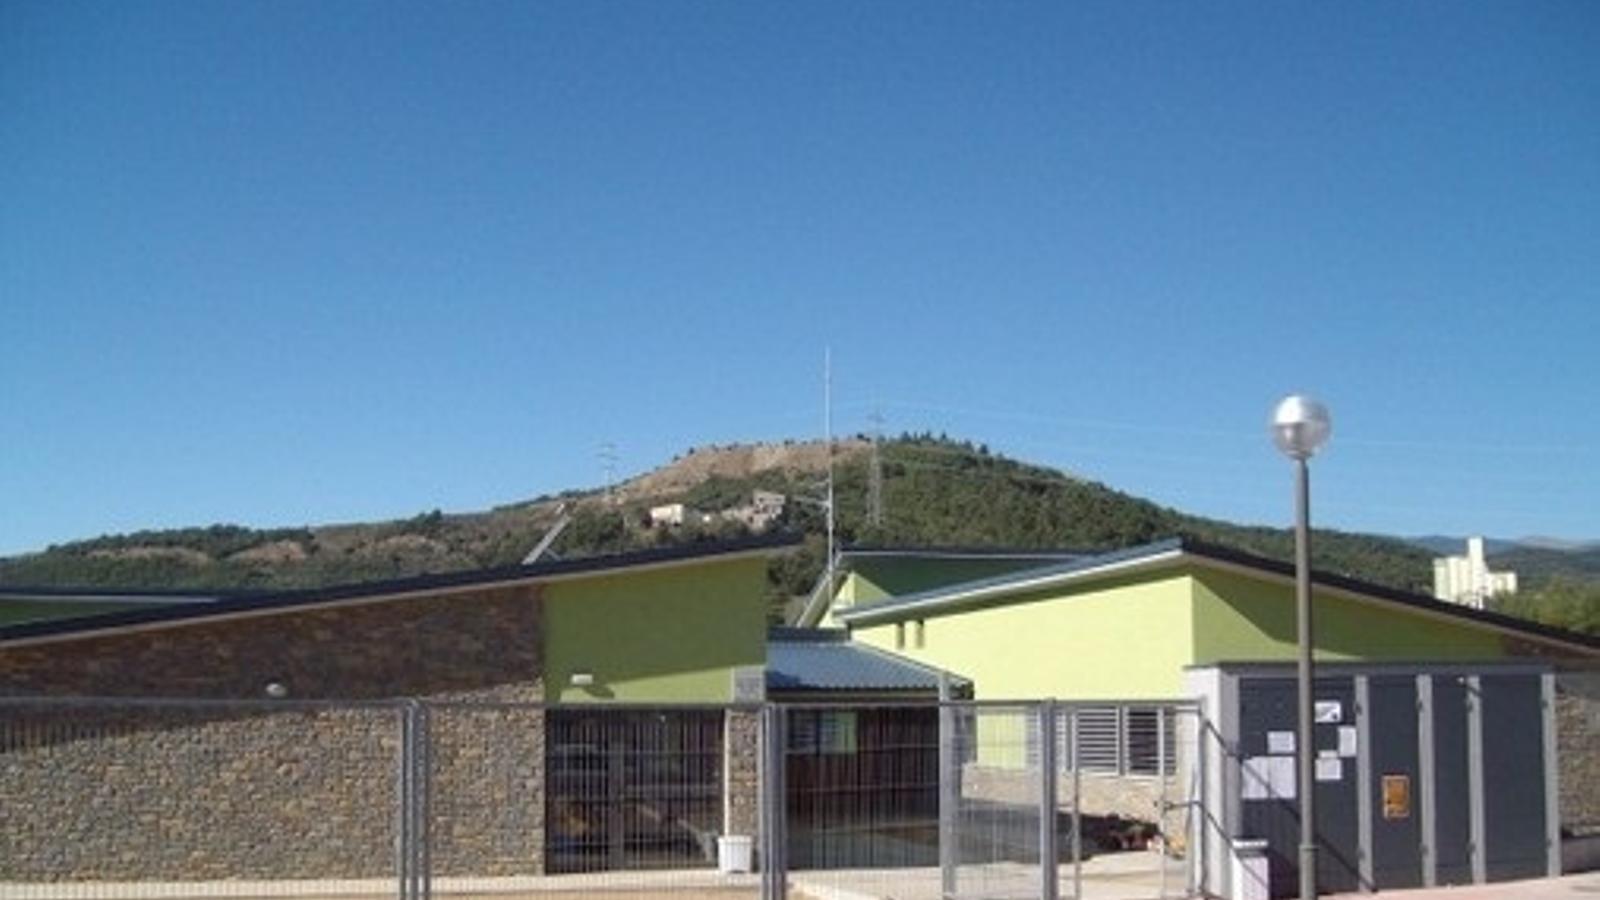 L'escola Rosa Campà del municipi de Montferrer i Castellbò. / ARXIU